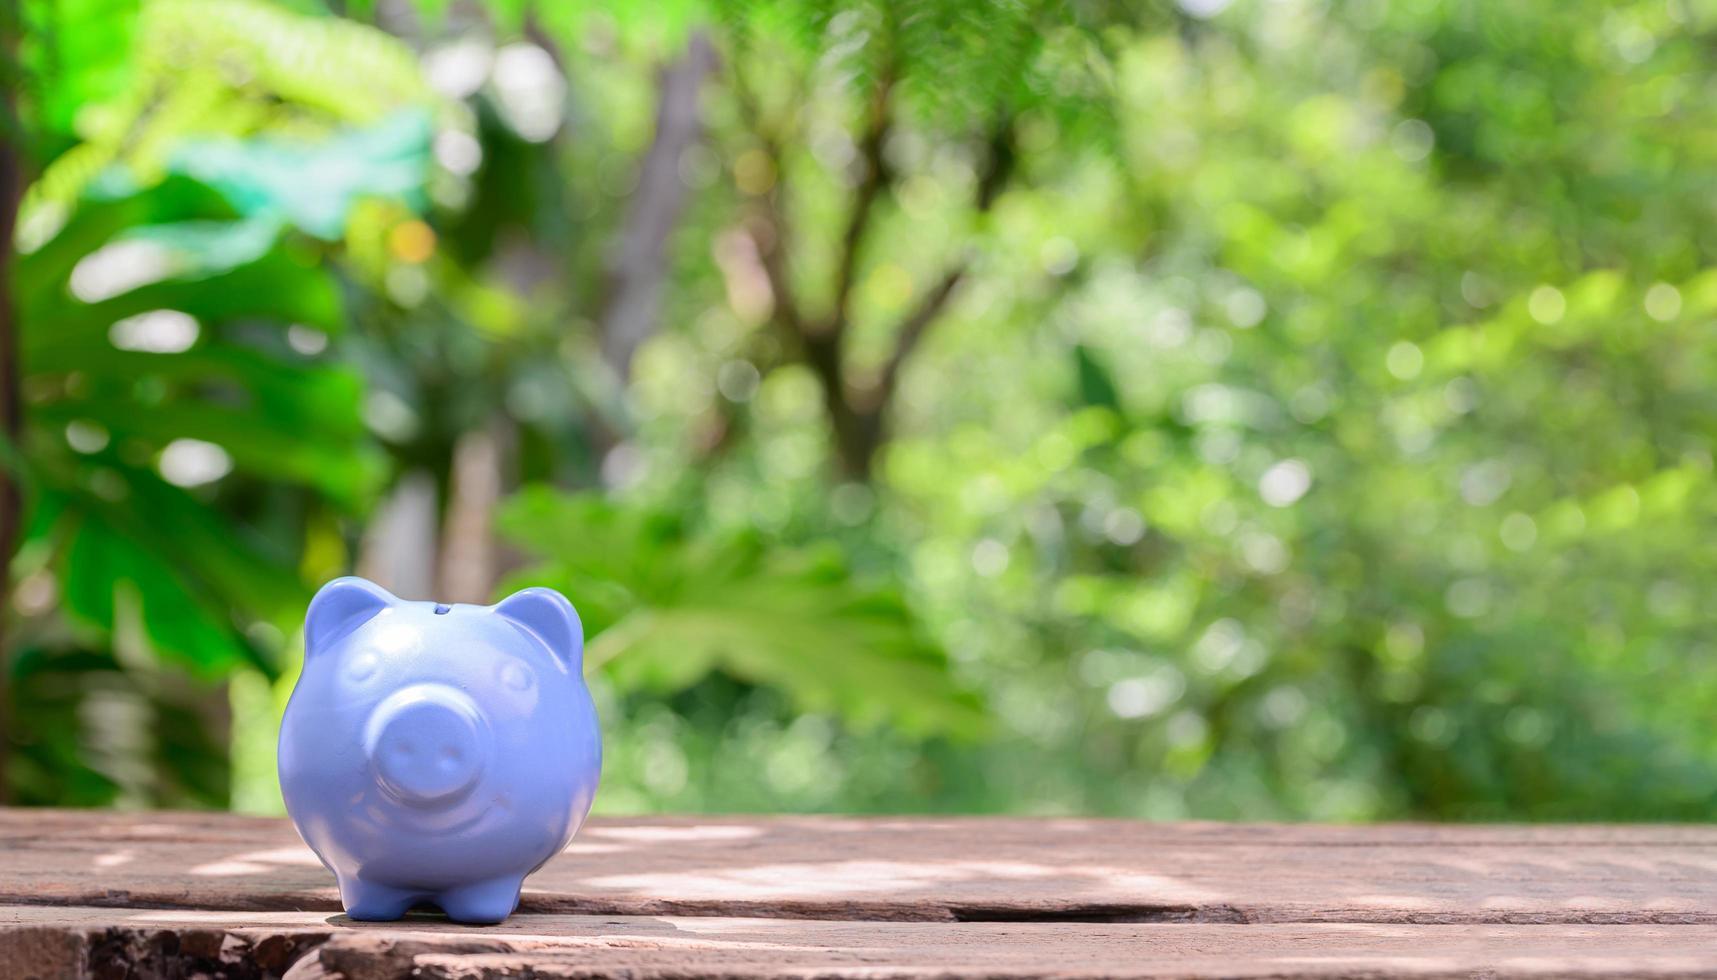 geld besparen concept spaarvarken foto